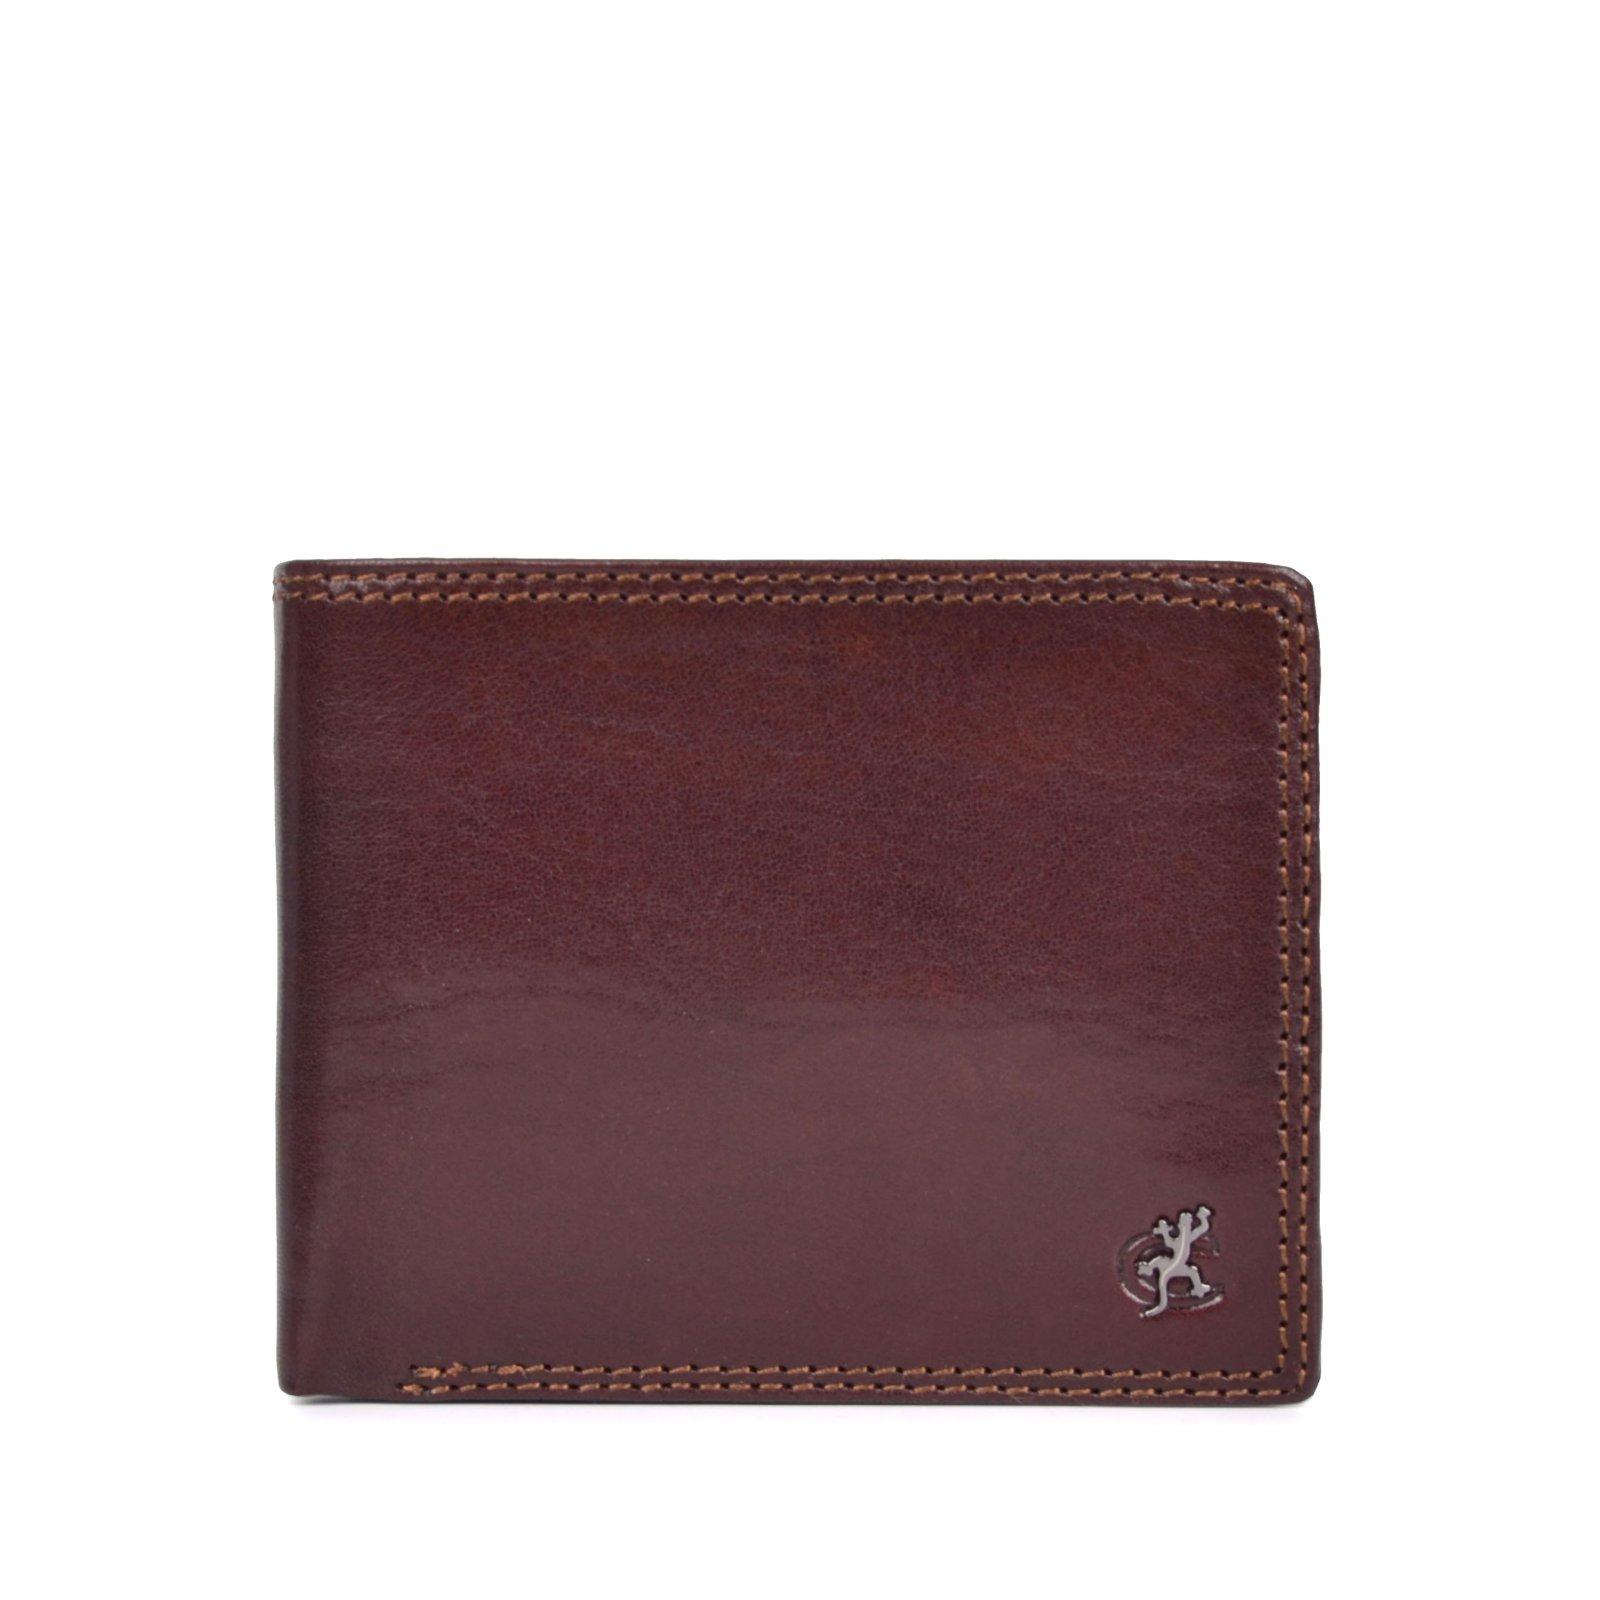 Kožená peněženka Cosset – 4504 Komodo H